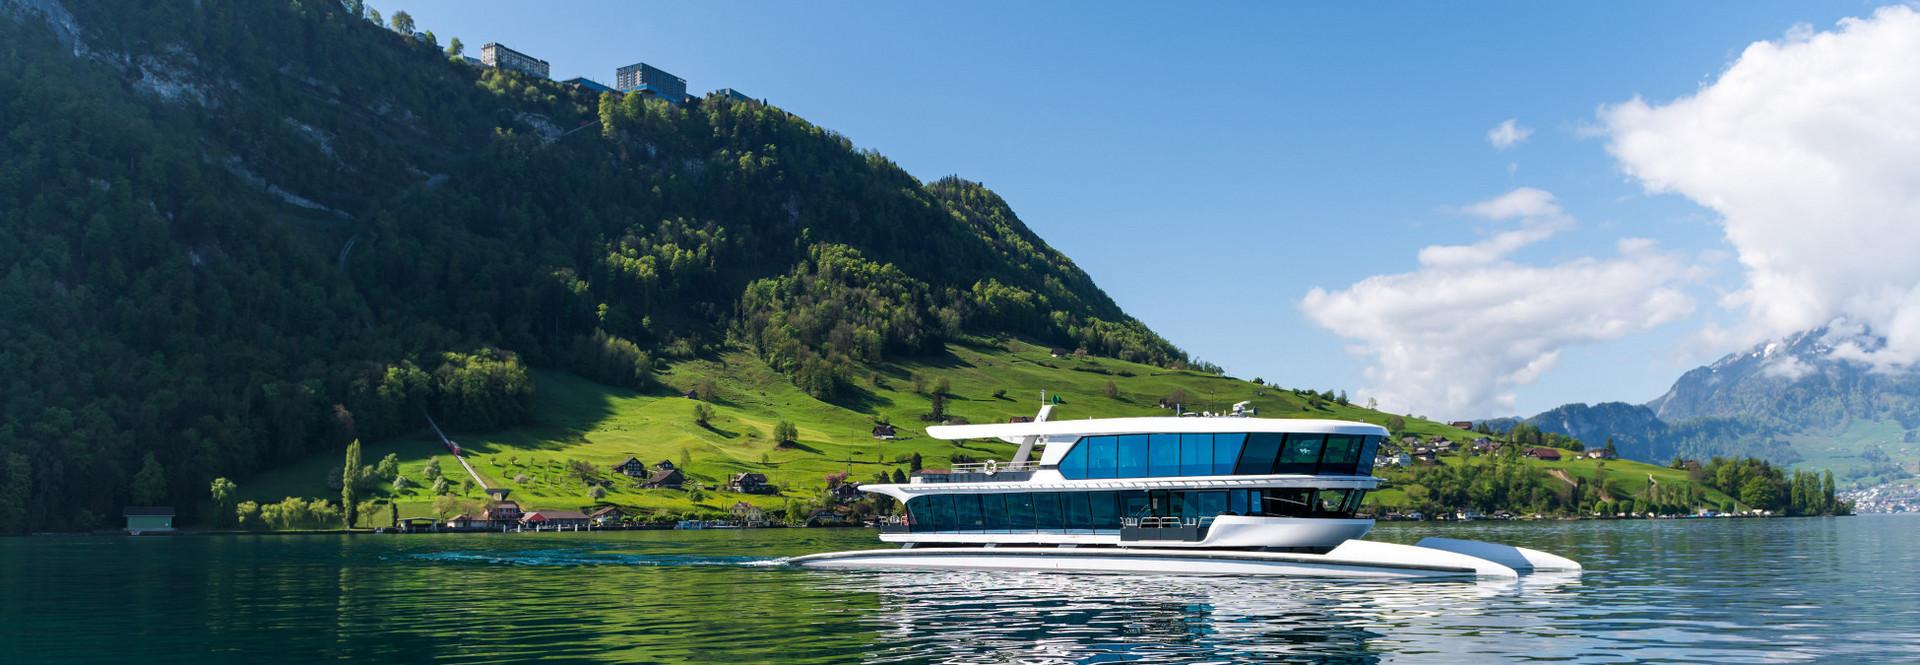 MS Bürgenstock auf der Rückfahrt von Kehrsiten-Bürgenstock nach Luzern.